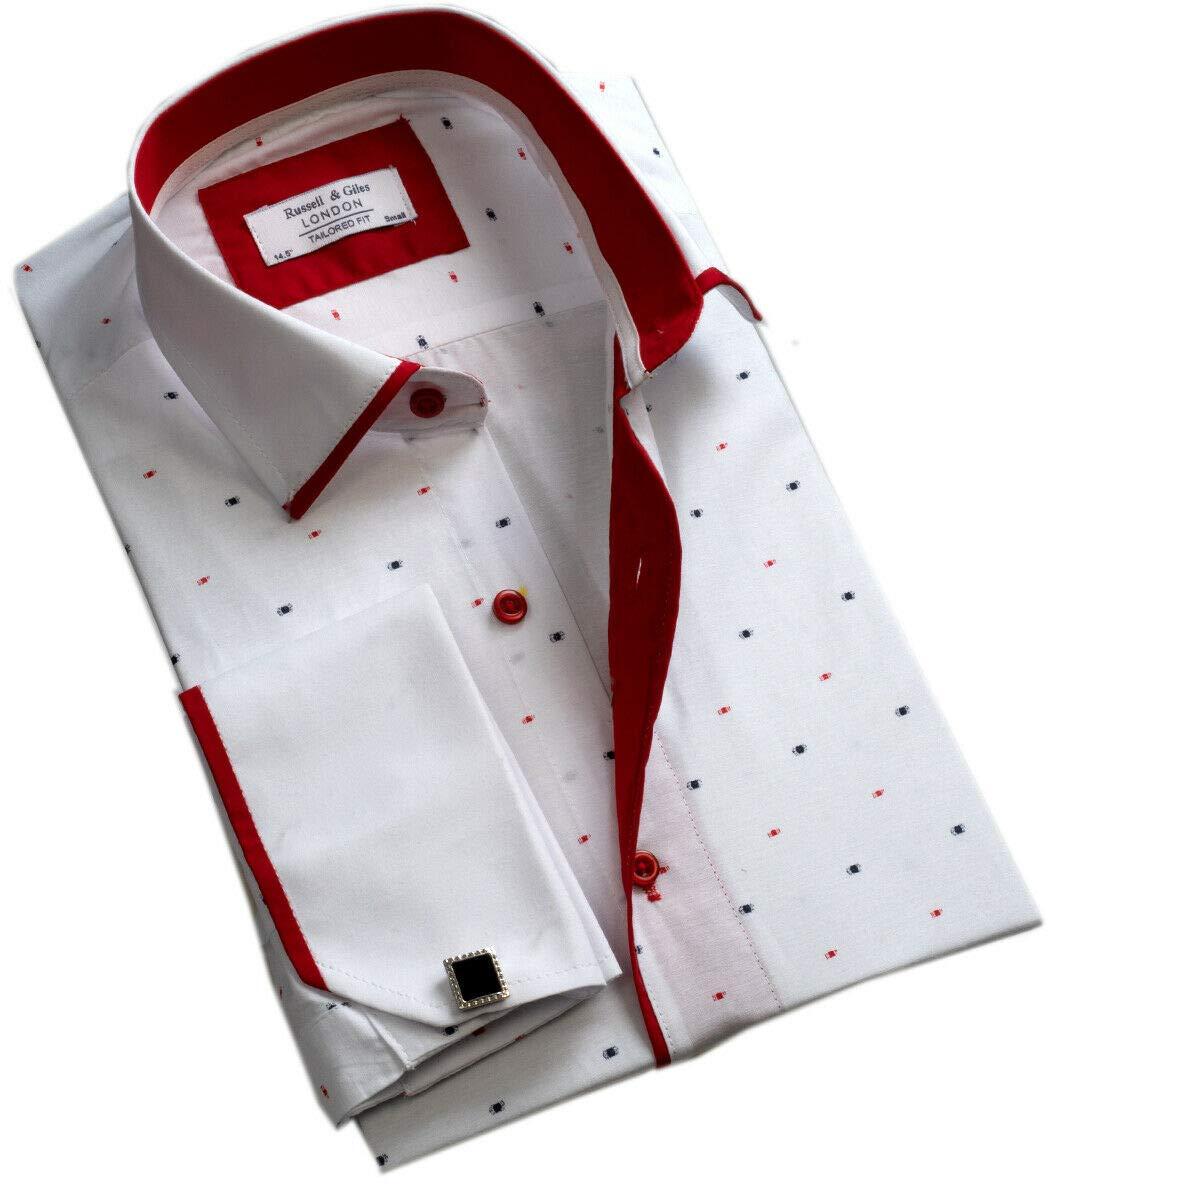 Russell /& Giles Gemelli in Metallo Inclusi Camicia da Uomo con Doppio Risvolto Formale